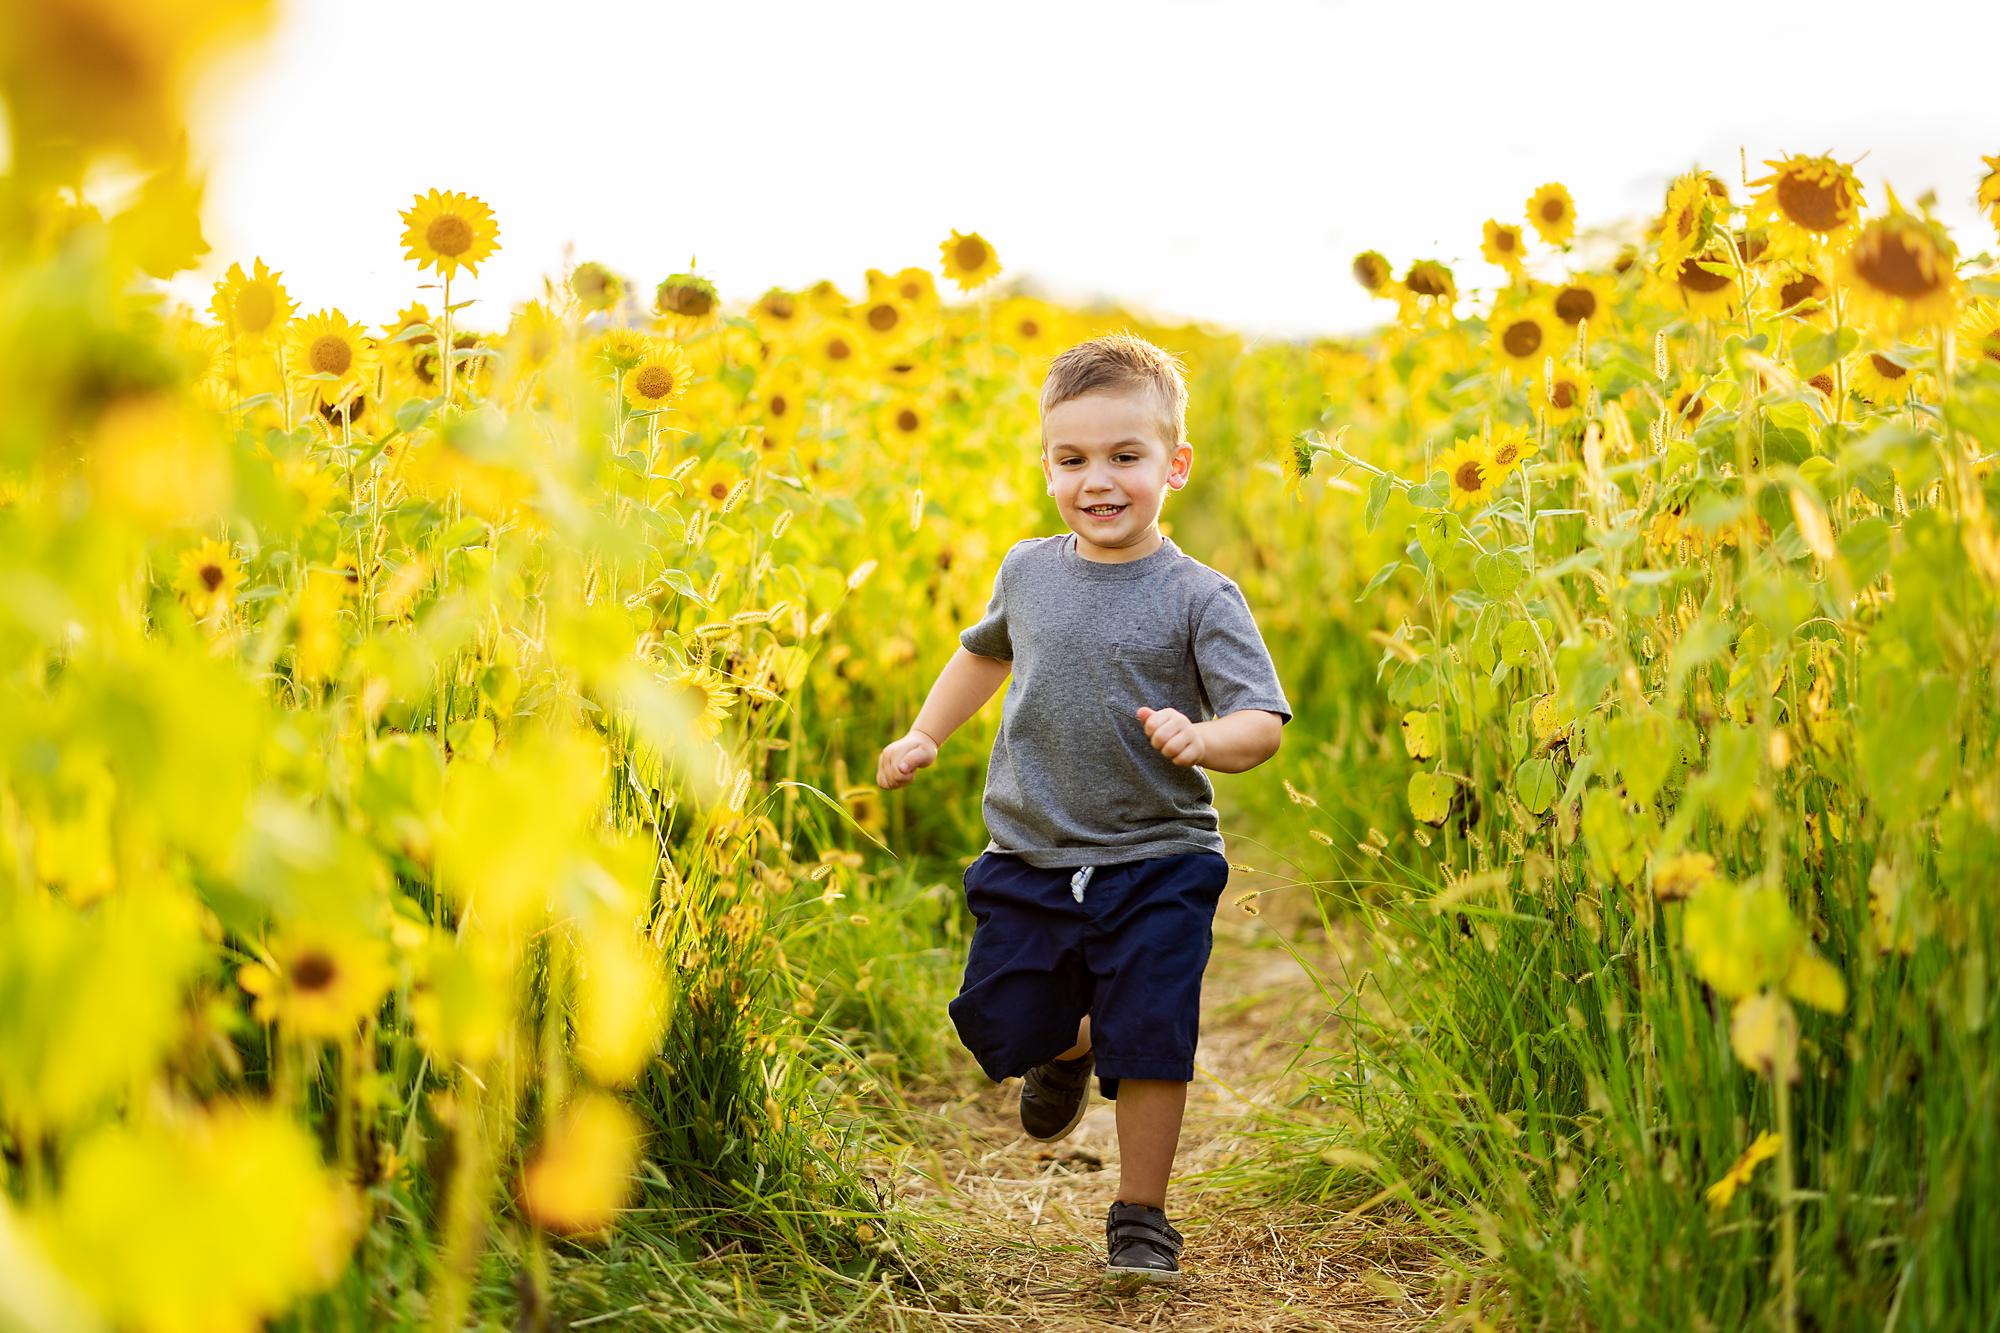 Cottell-Park-Sunflower-Field-Family-Photography-6.jpg